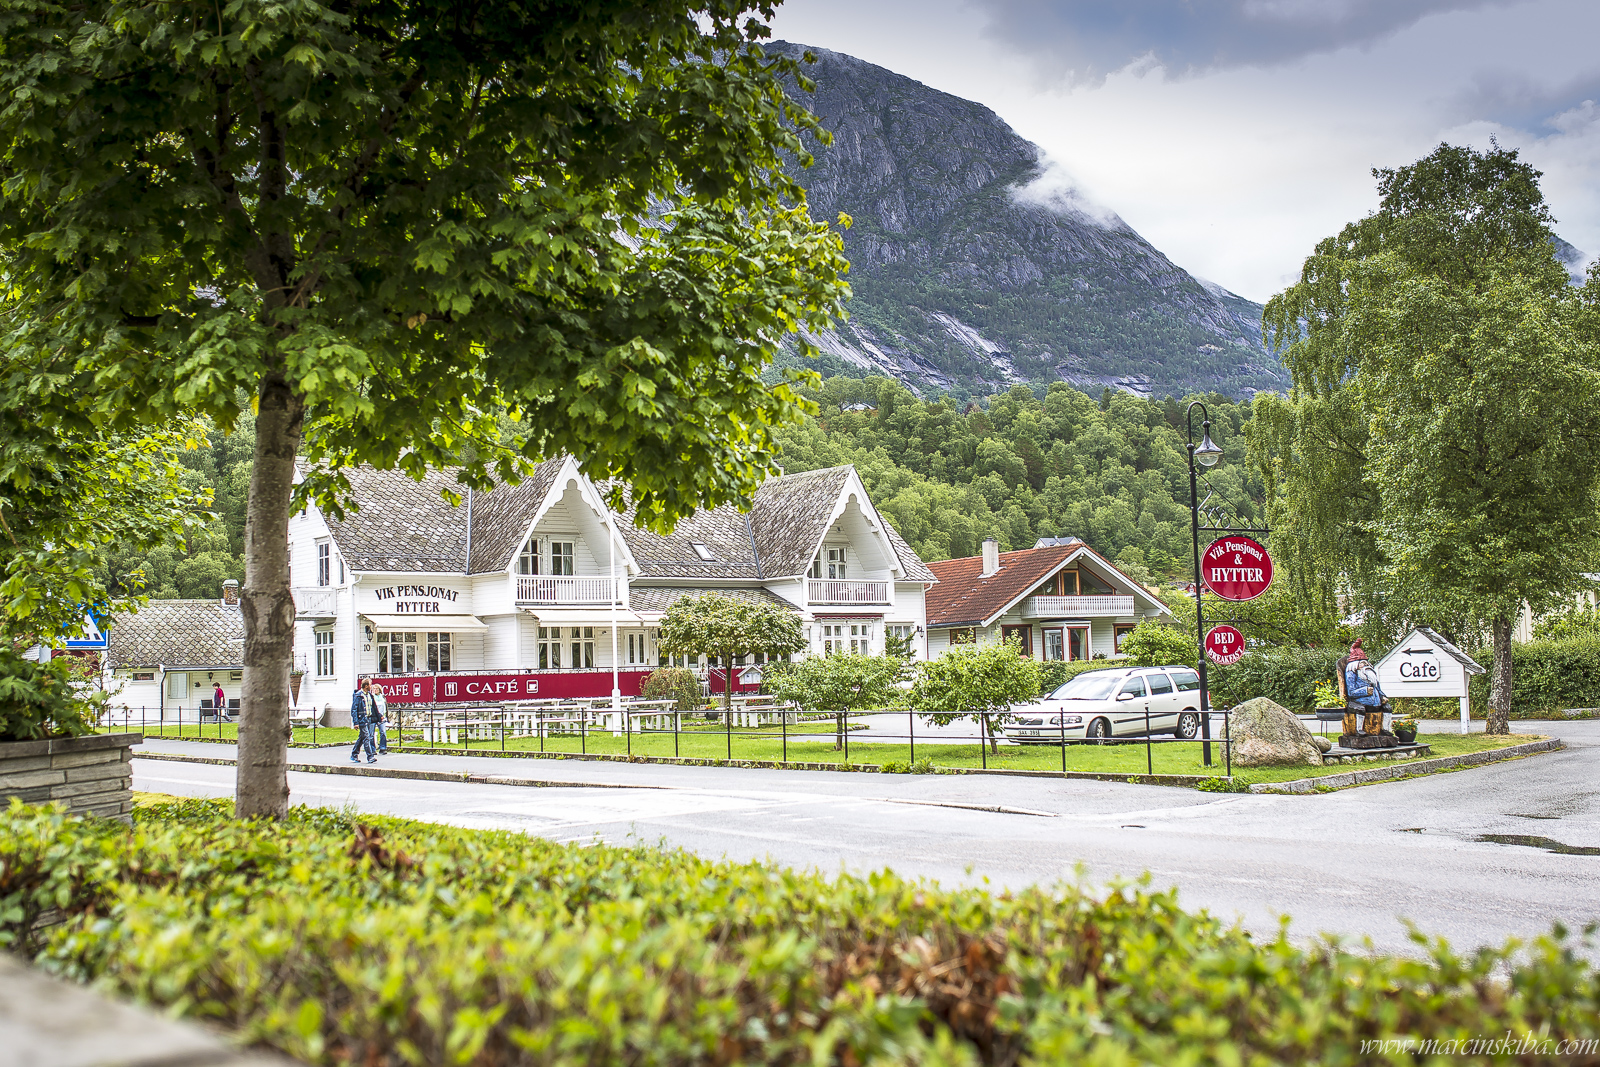 178 Norwegia Vik Pensjonat og Hytter